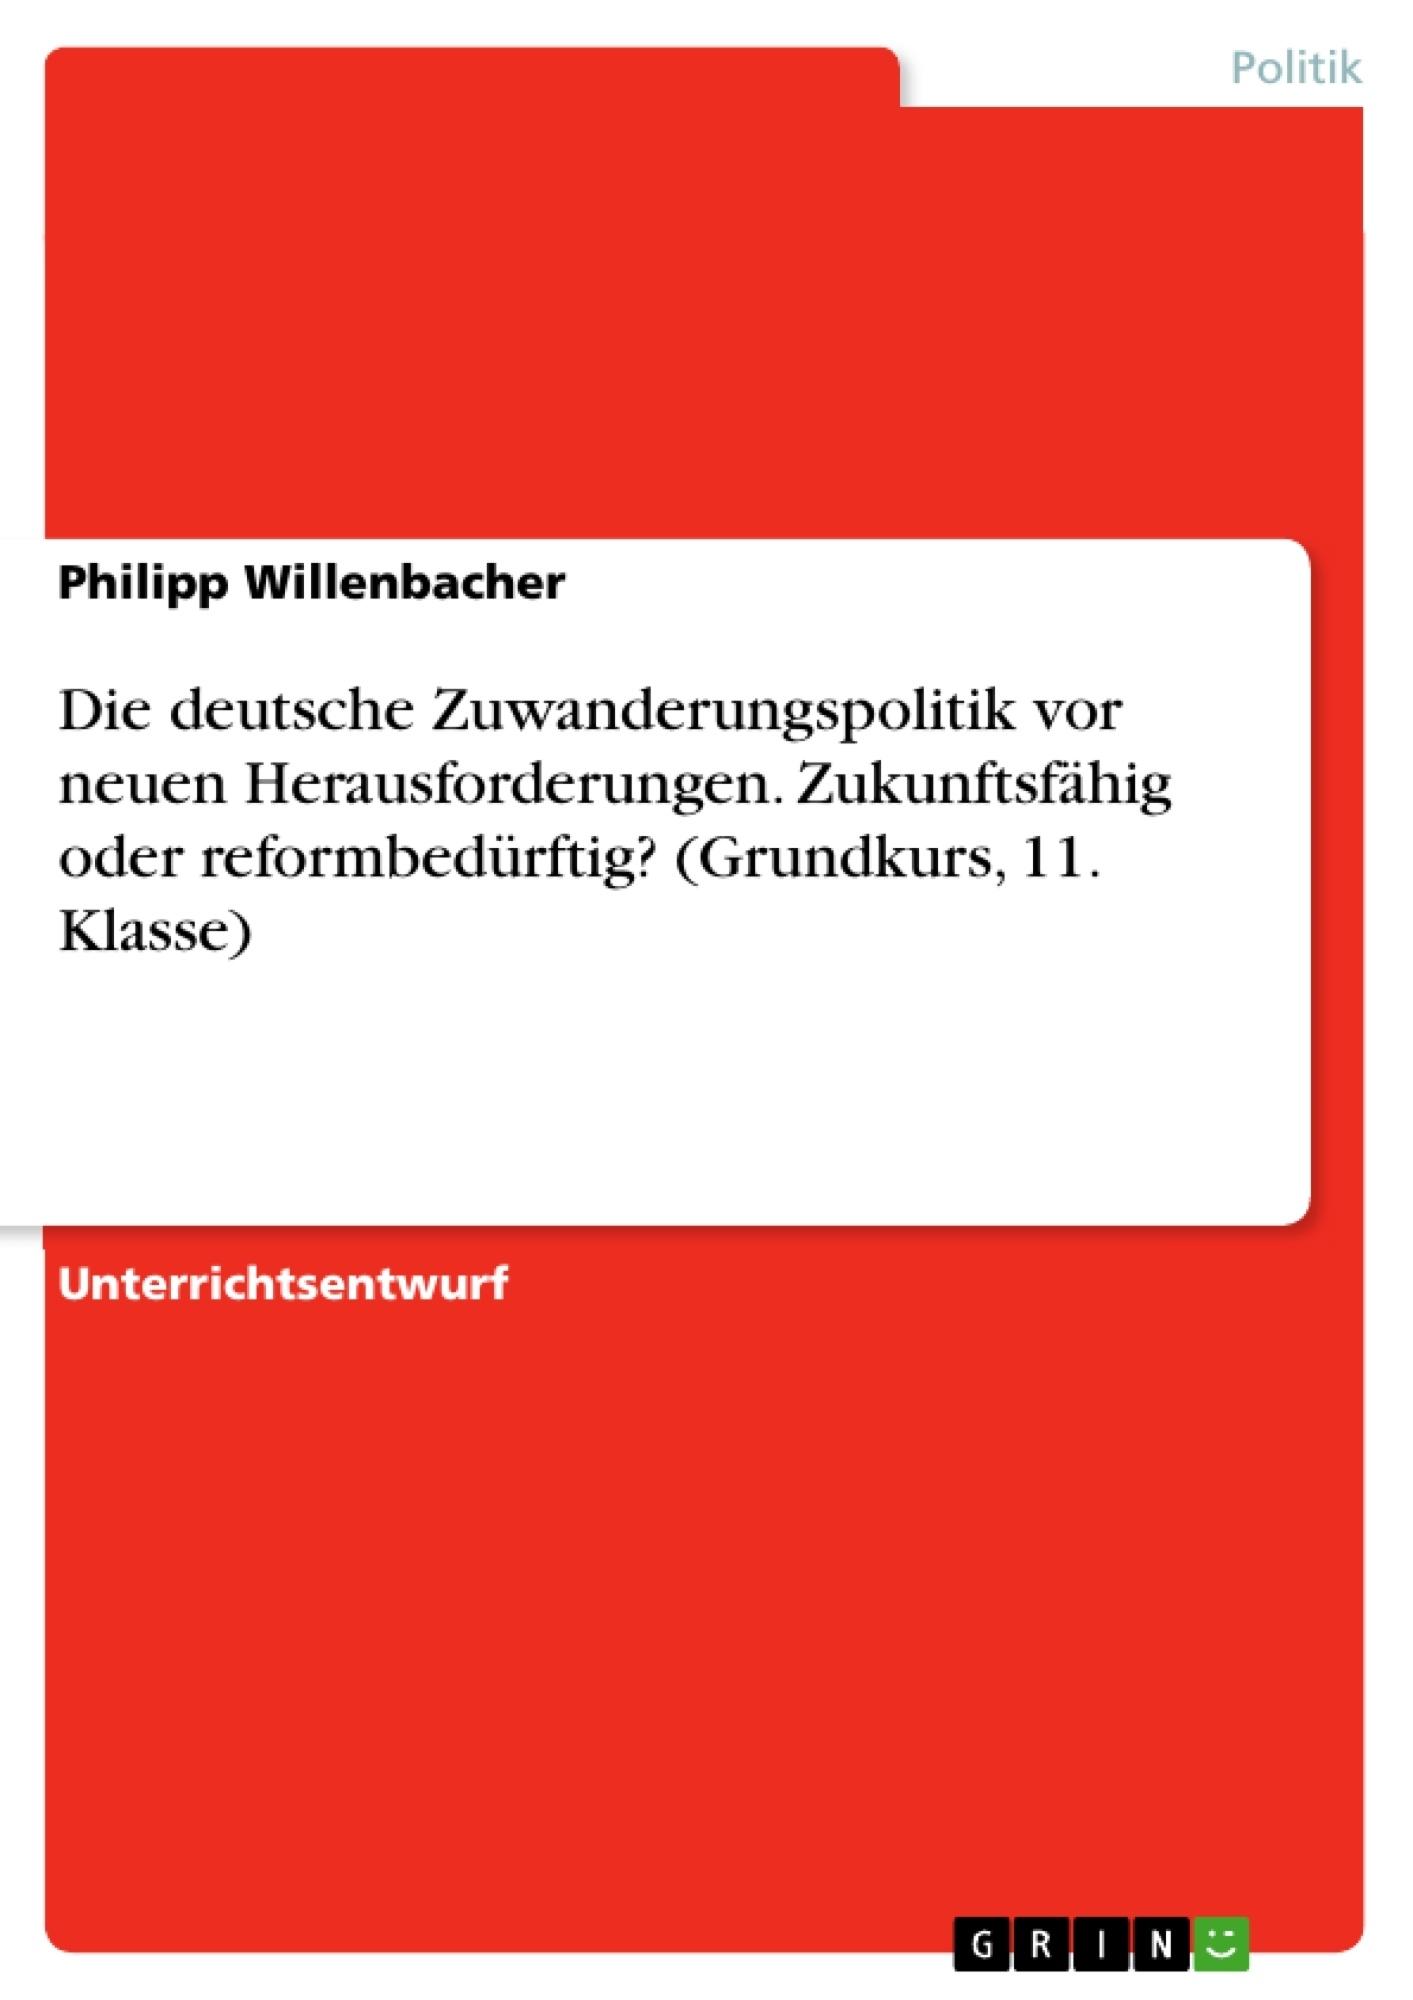 Titel: Die deutsche Zuwanderungspolitik vor neuen Herausforderungen. Zukunftsfähig oder reformbedürftig? (Grundkurs, 11. Klasse)